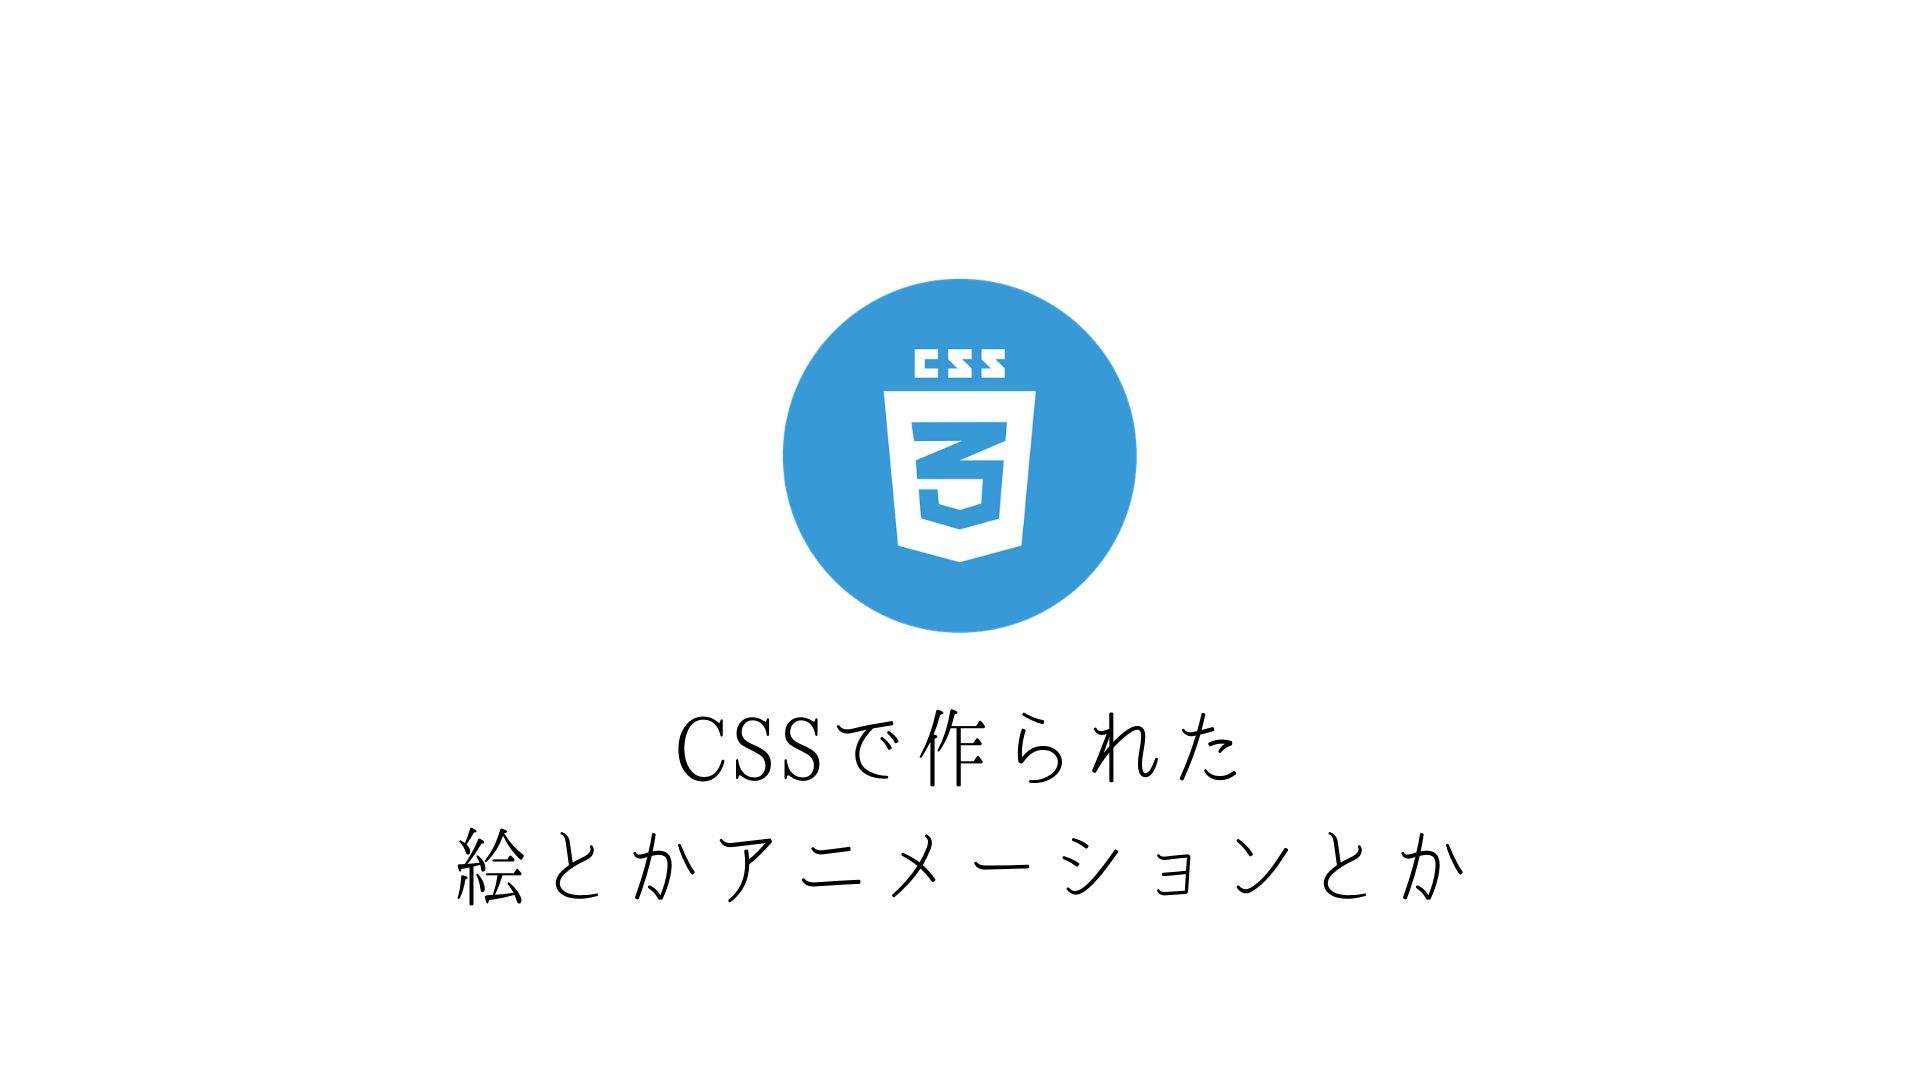 CSSで作られたアニメーションする美しい絵・デザイン25選